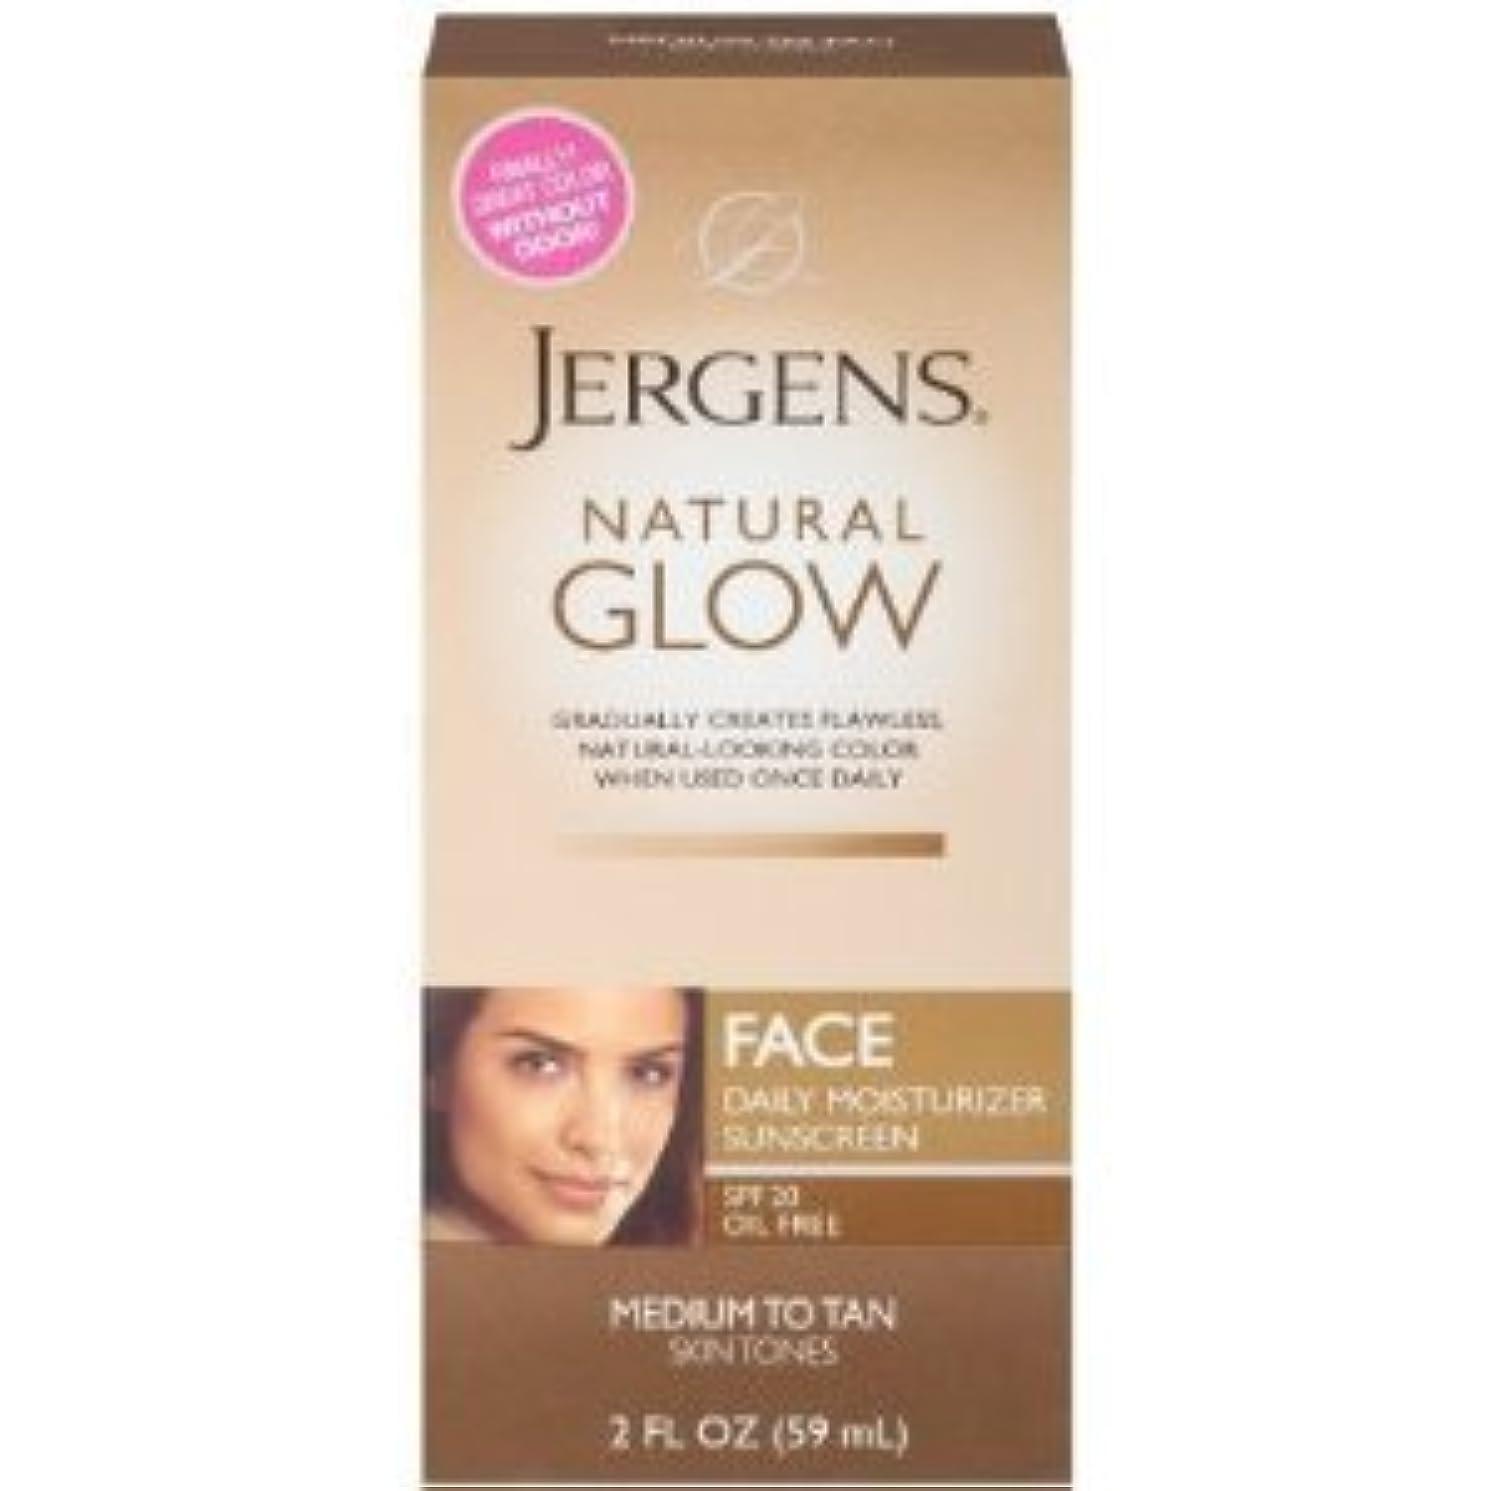 散文フィード器官Natural Glow Healthy Complexion Daily Facial Moisturizer, SPF 20, Medium to Tan, (59ml) (海外直送品)